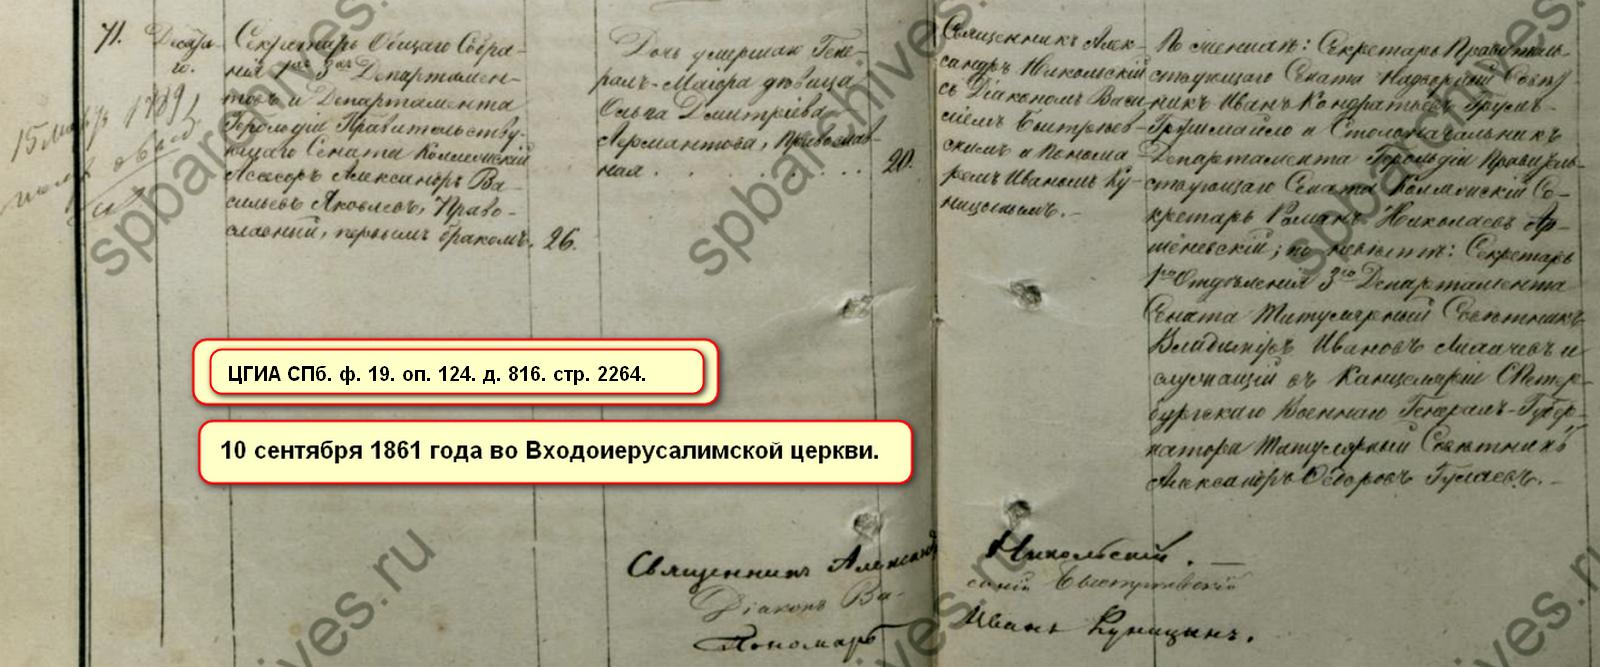 Метрика брак А.В.Яковлева и О.Д.Лермантовой.png